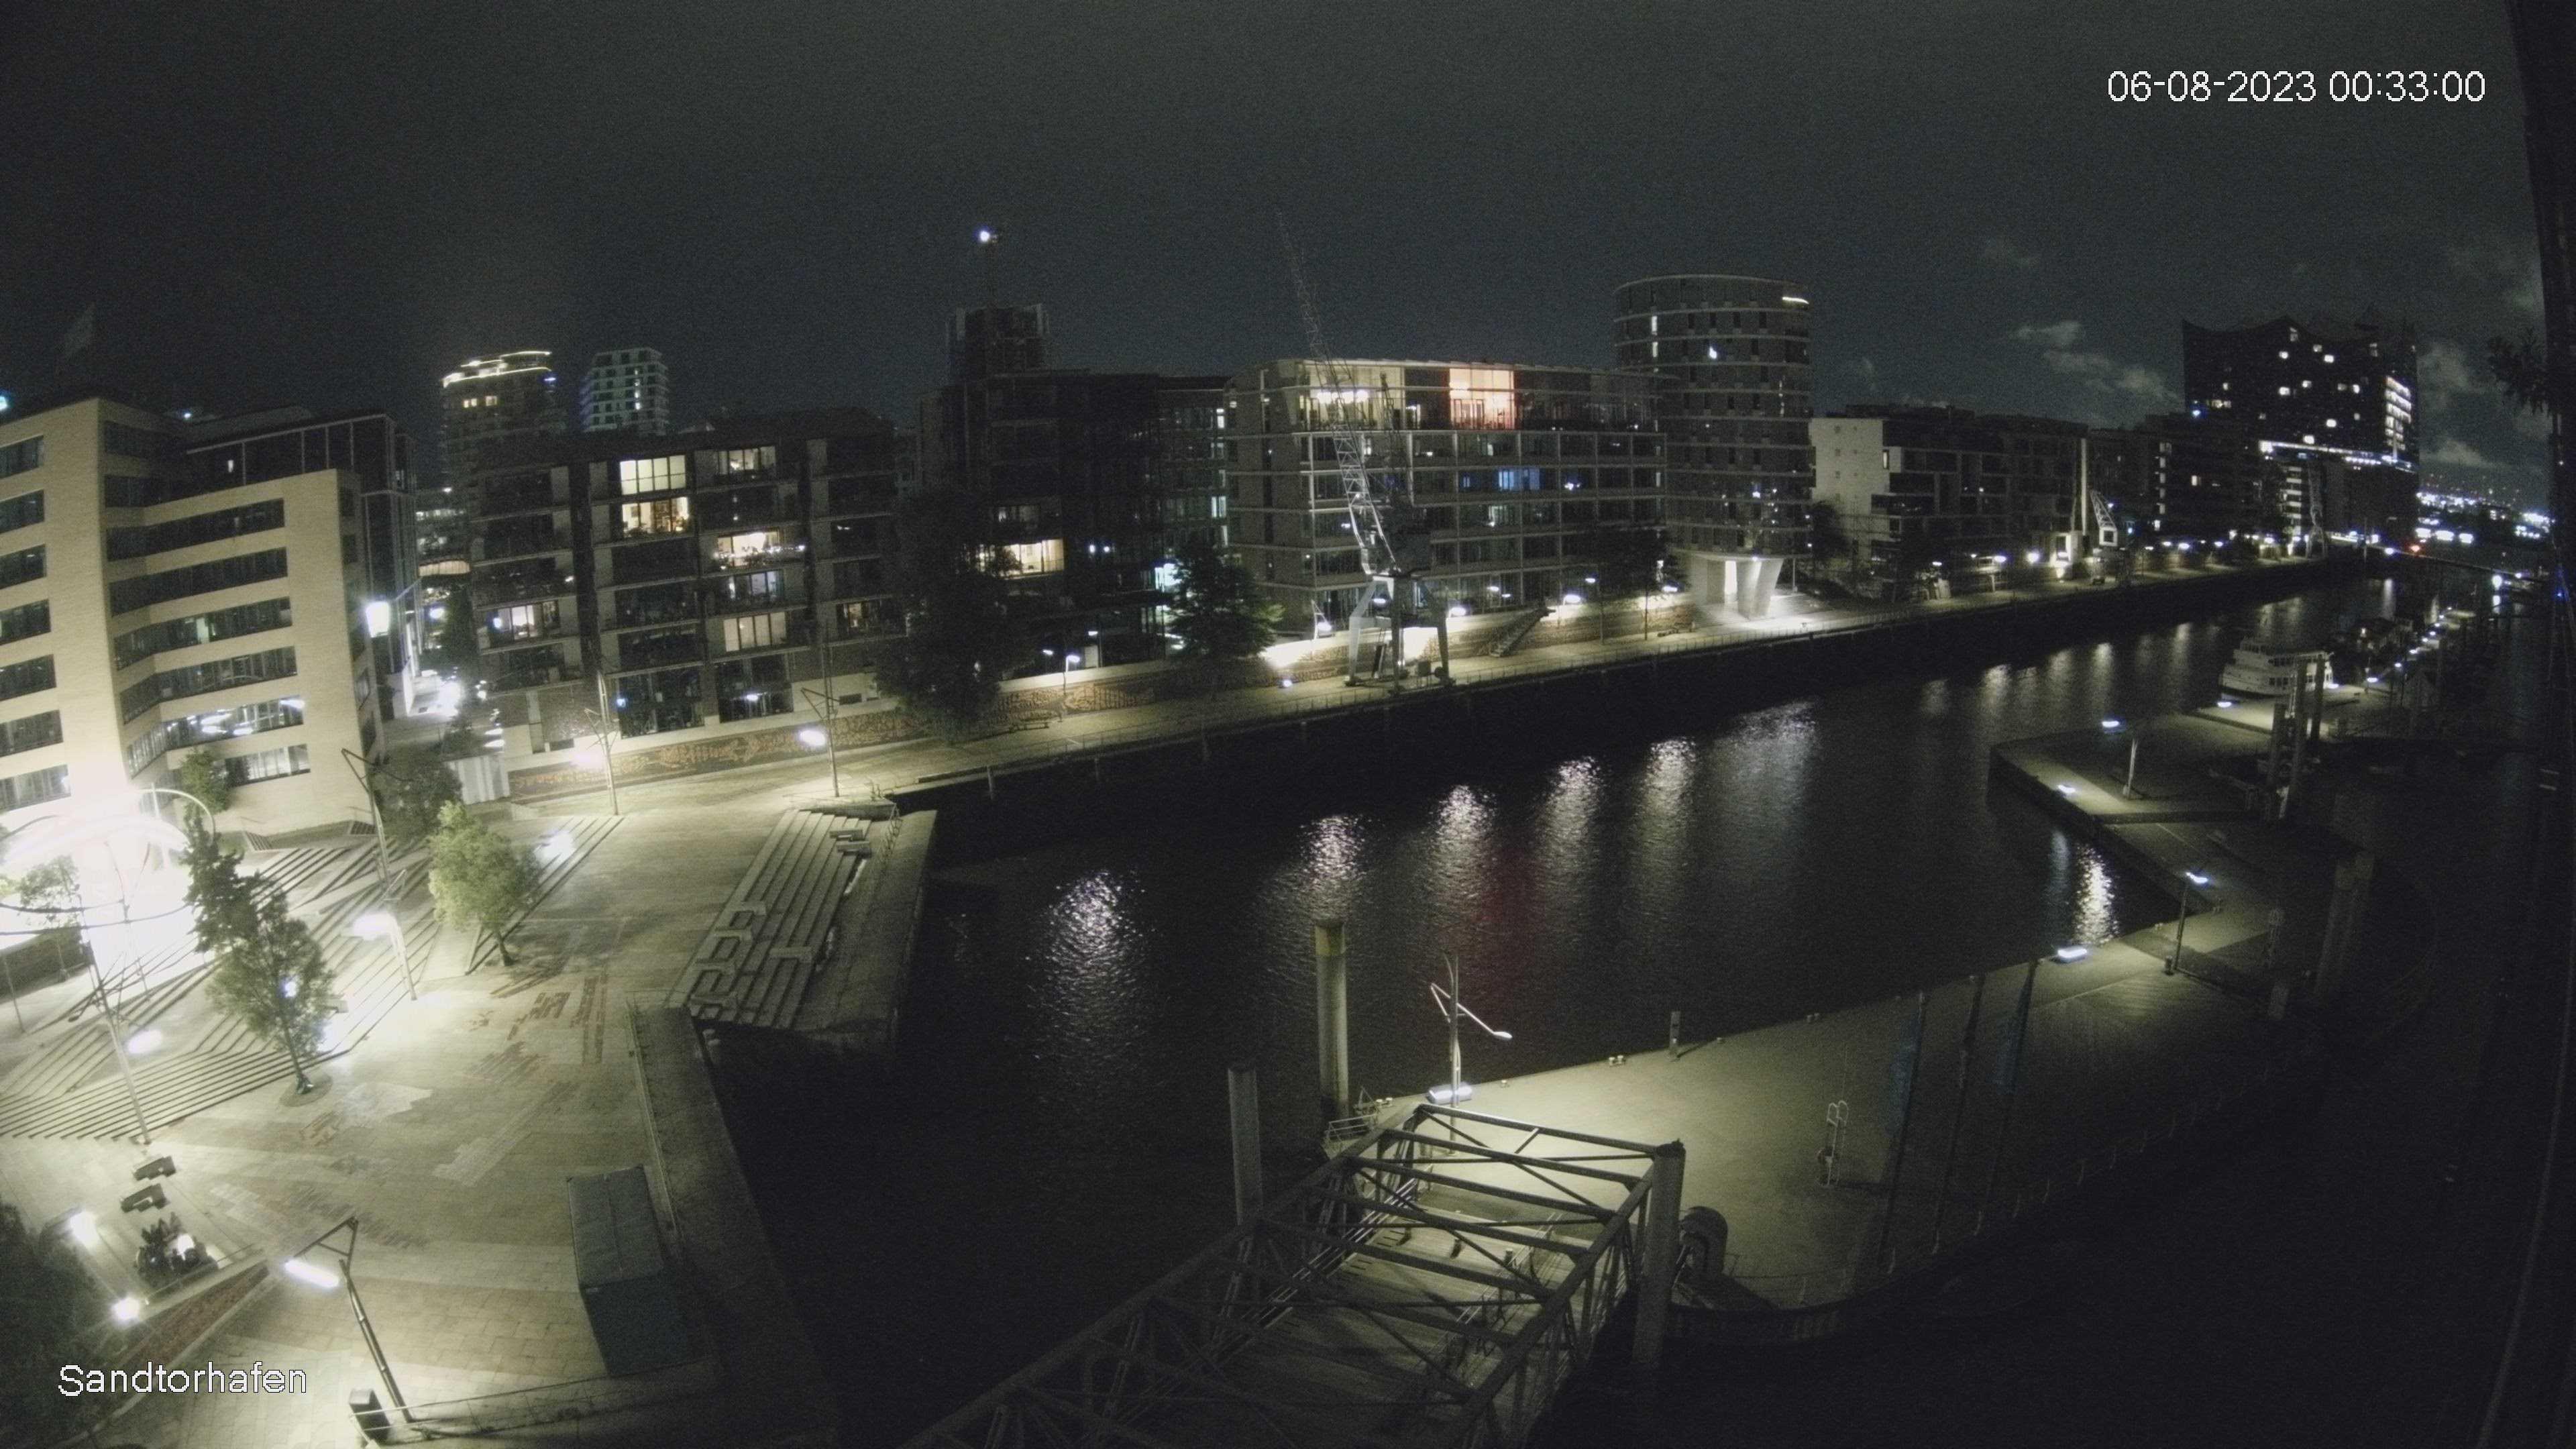 Hamburg Thu. 00:35